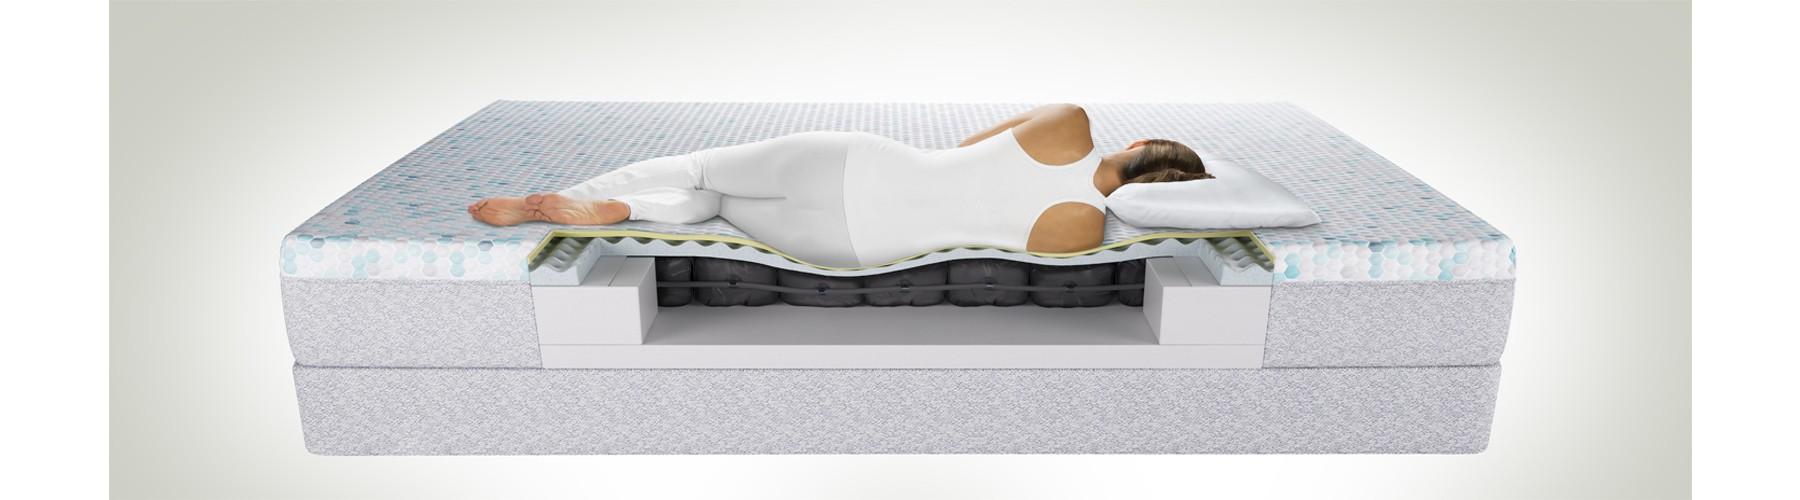 is a latex mattress better than an inner spring mattress